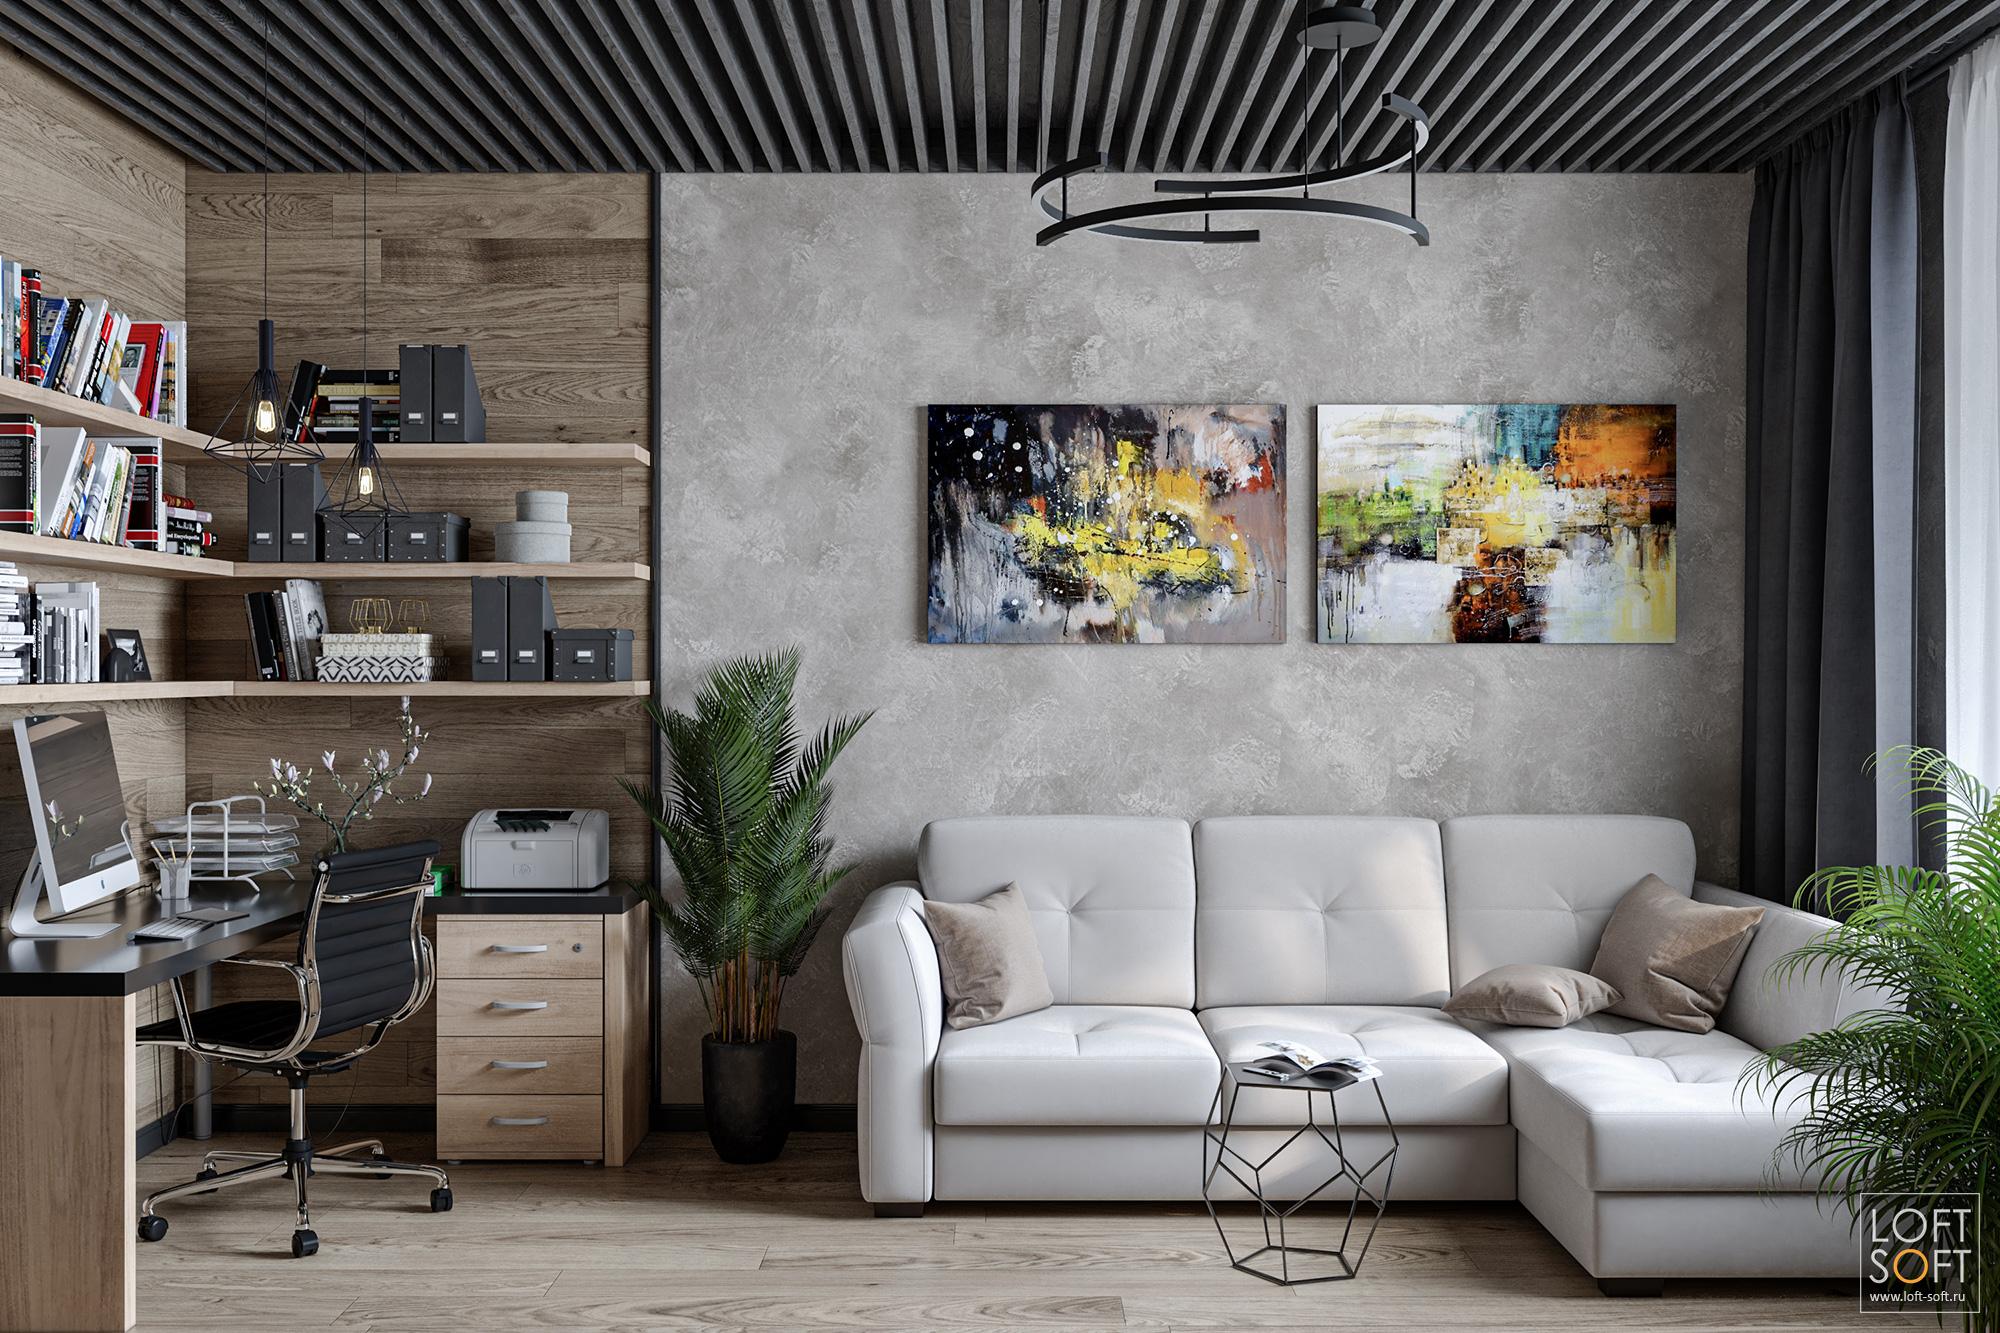 современный интерьер воднушке, реечный потолок, заказать проект